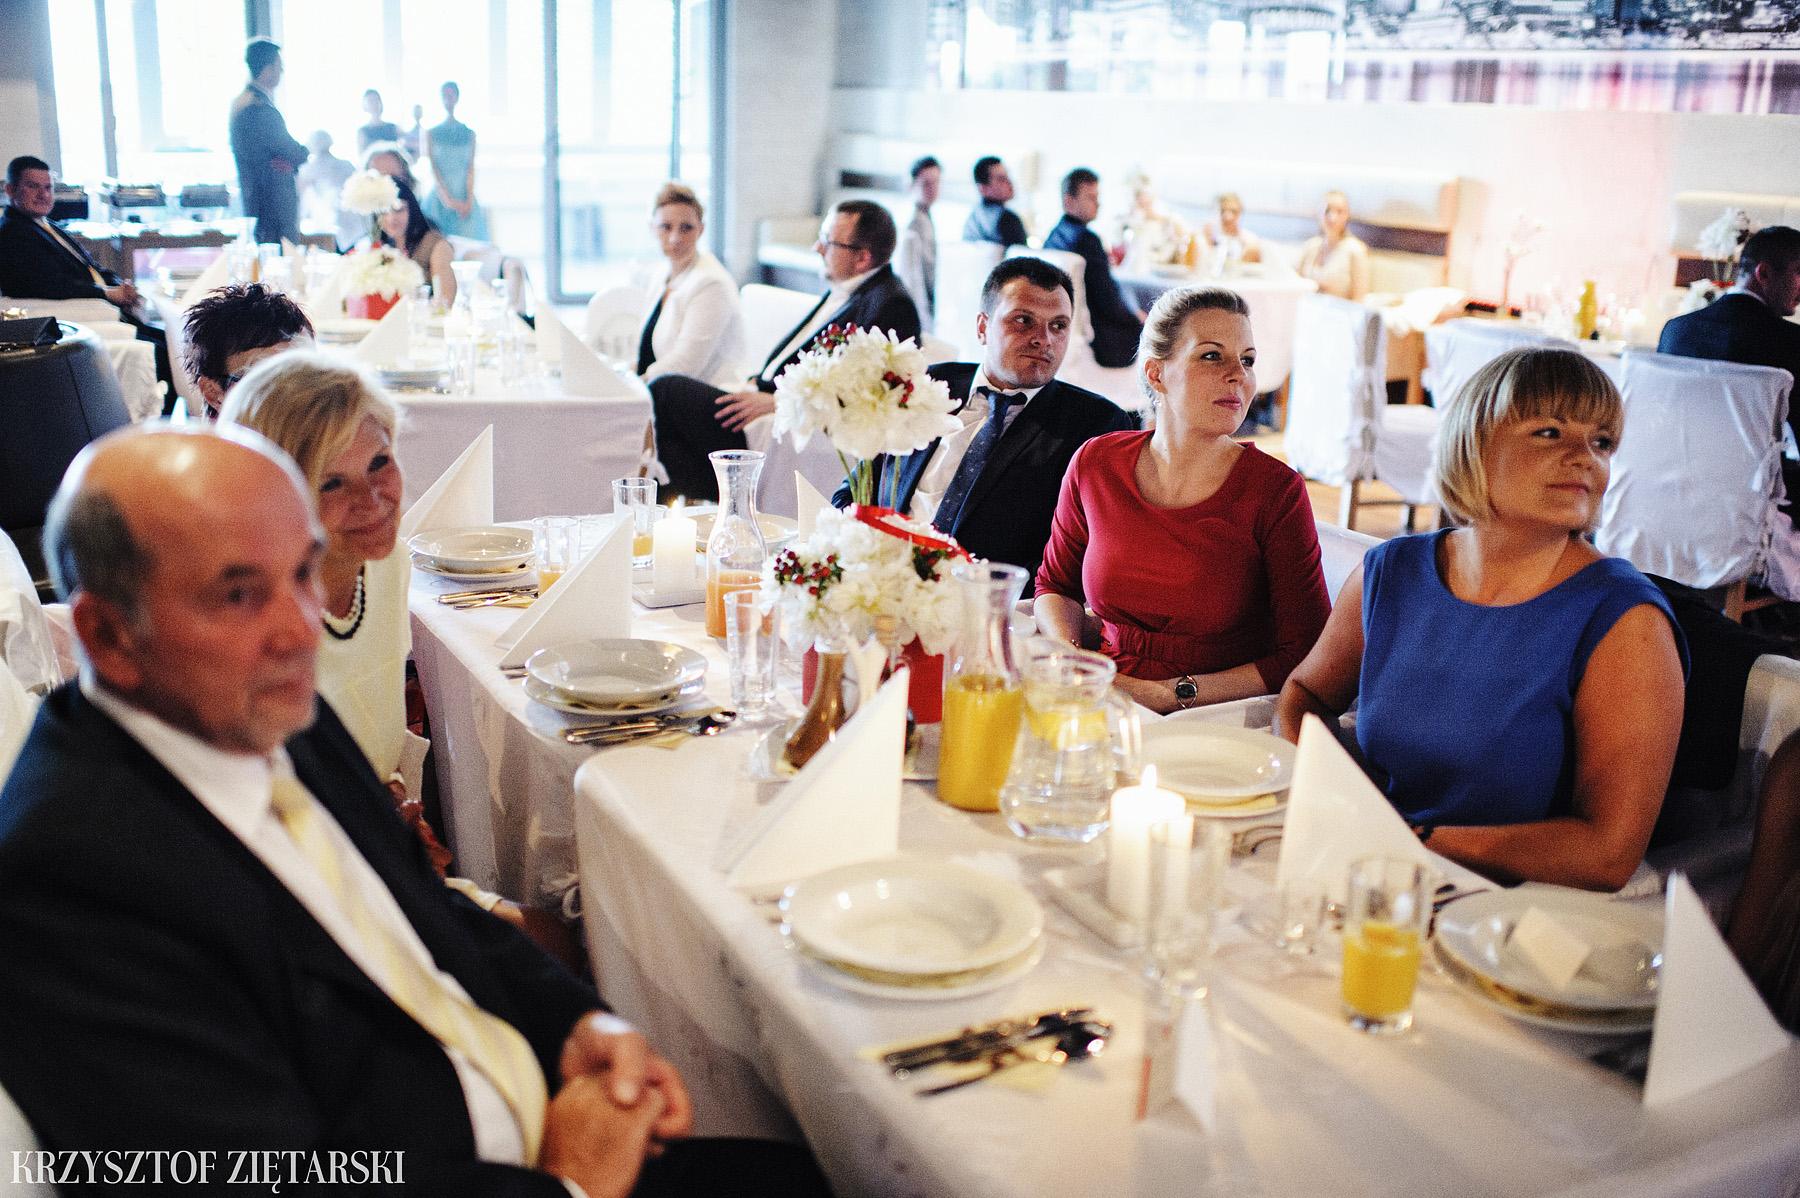 Ola i Grzegorz - Fotografia ślubna Gdynia, Kolegiata NMP, wesele restauracja COCO, plener na Darze Pomorza - 39.